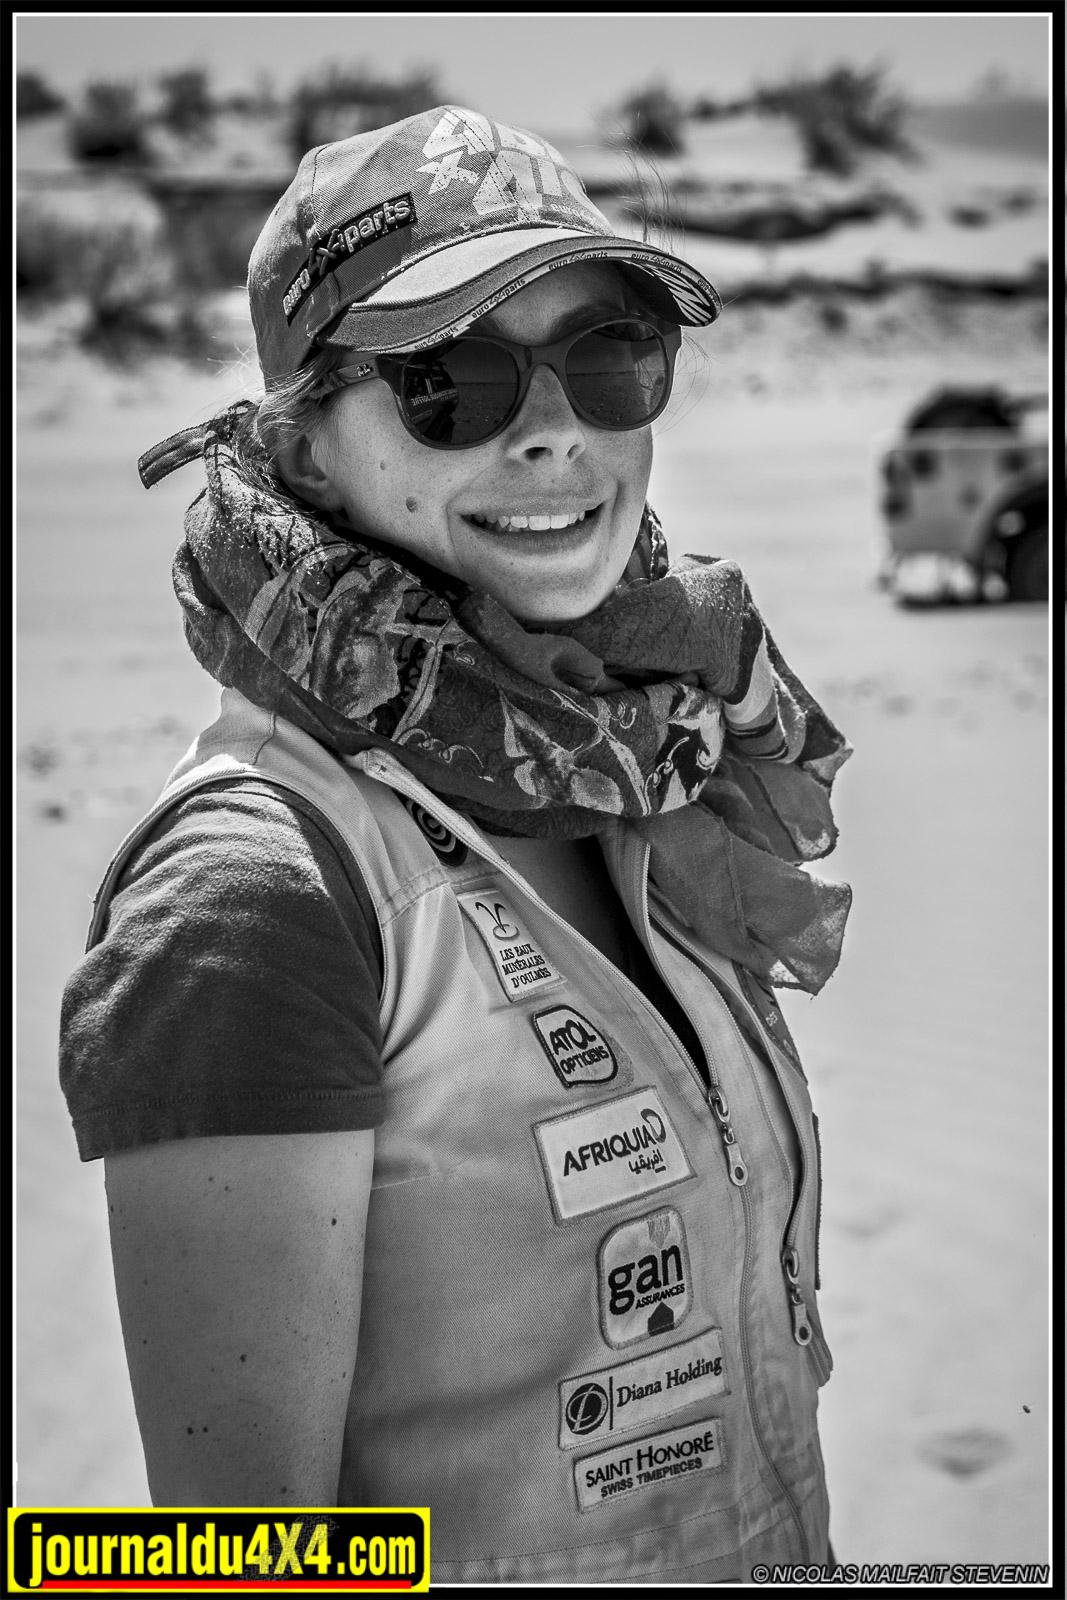 rallye-aicha-gazelles-maroc-2017-7258.jpg